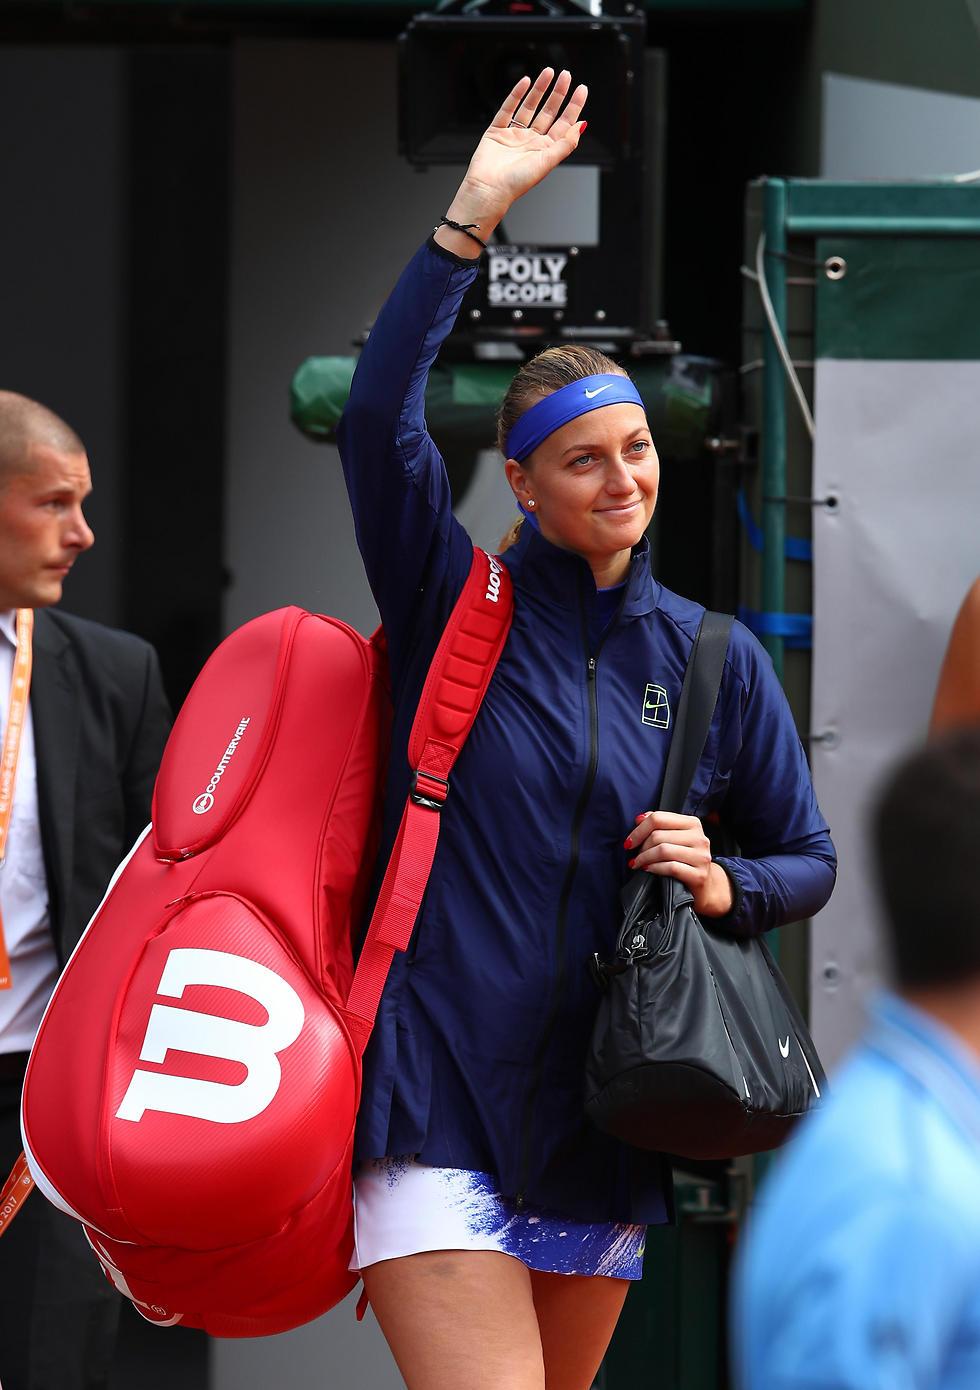 טראומת הדקירה מאחוריה. פטרה קביטובה (צילום: Getty Images) (צילום: Getty Images)